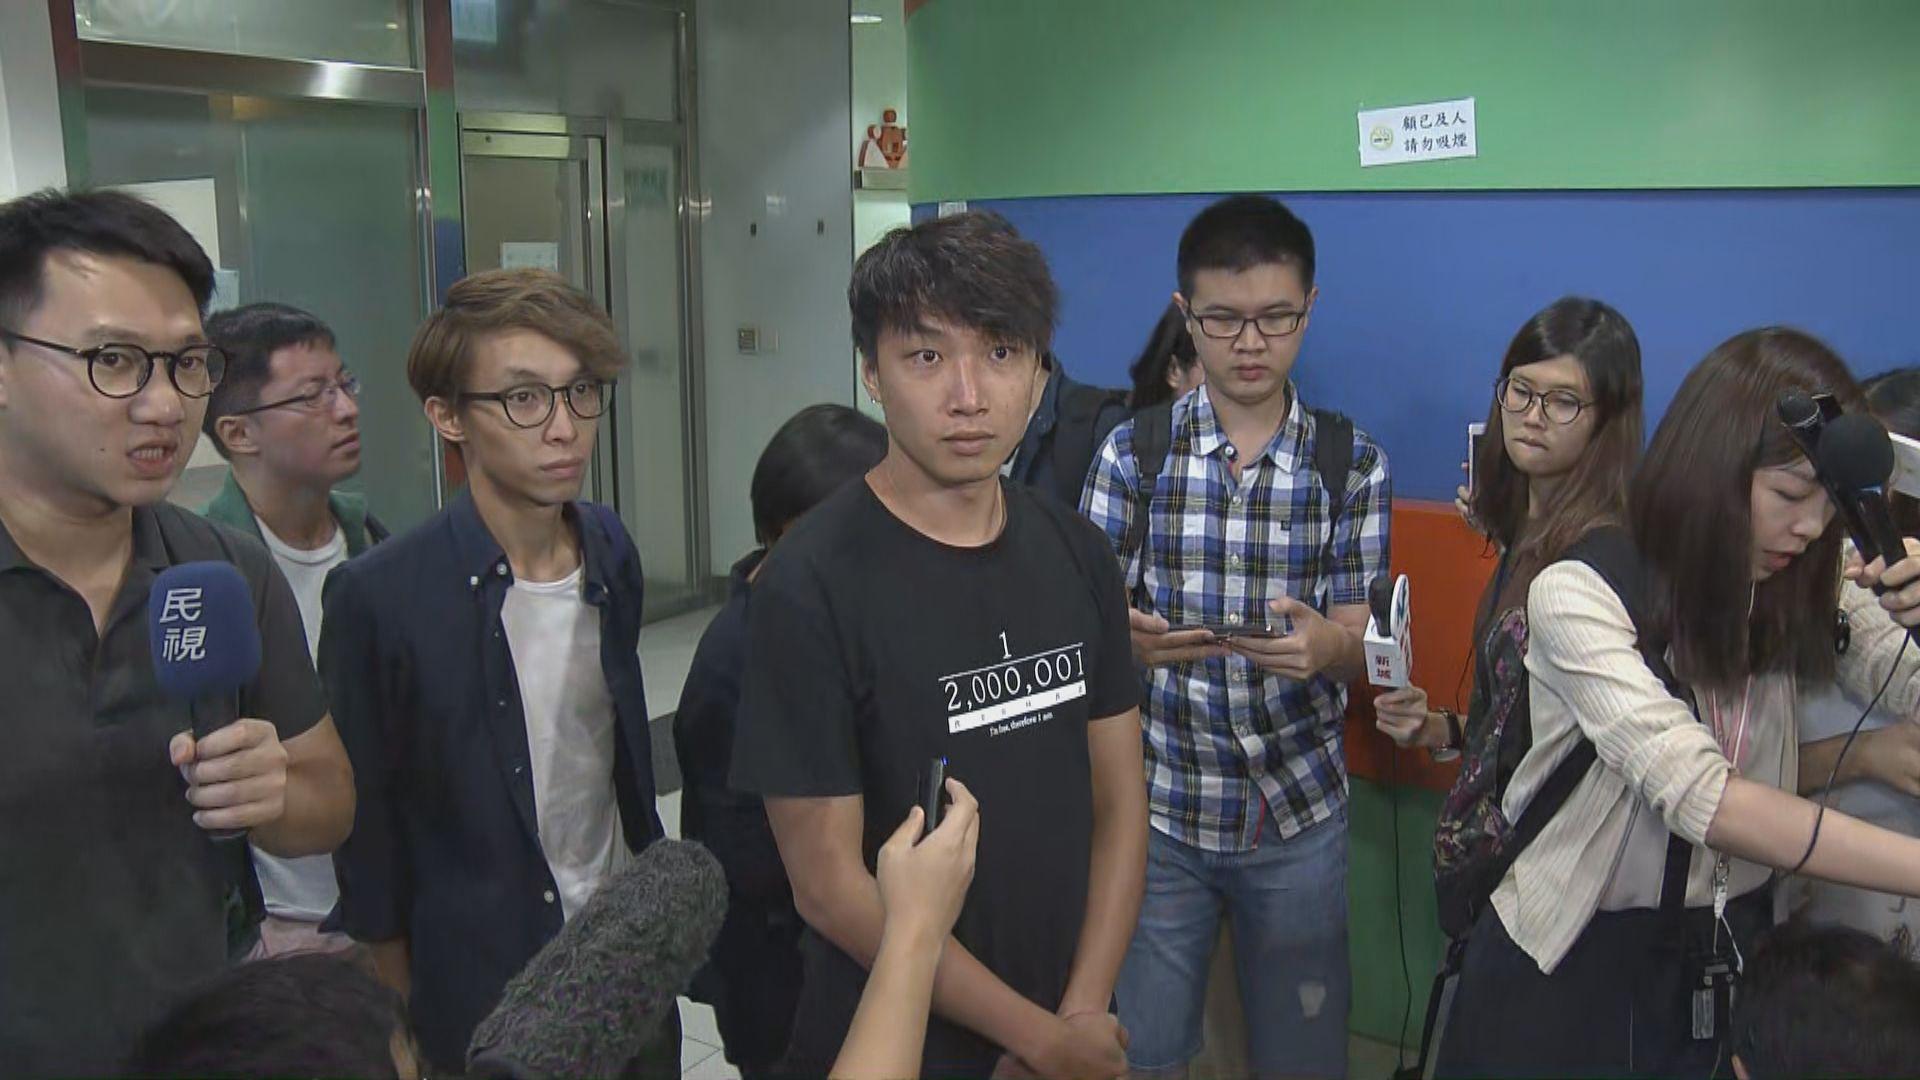 民陣:反對831決定遊行不會壽終正寢